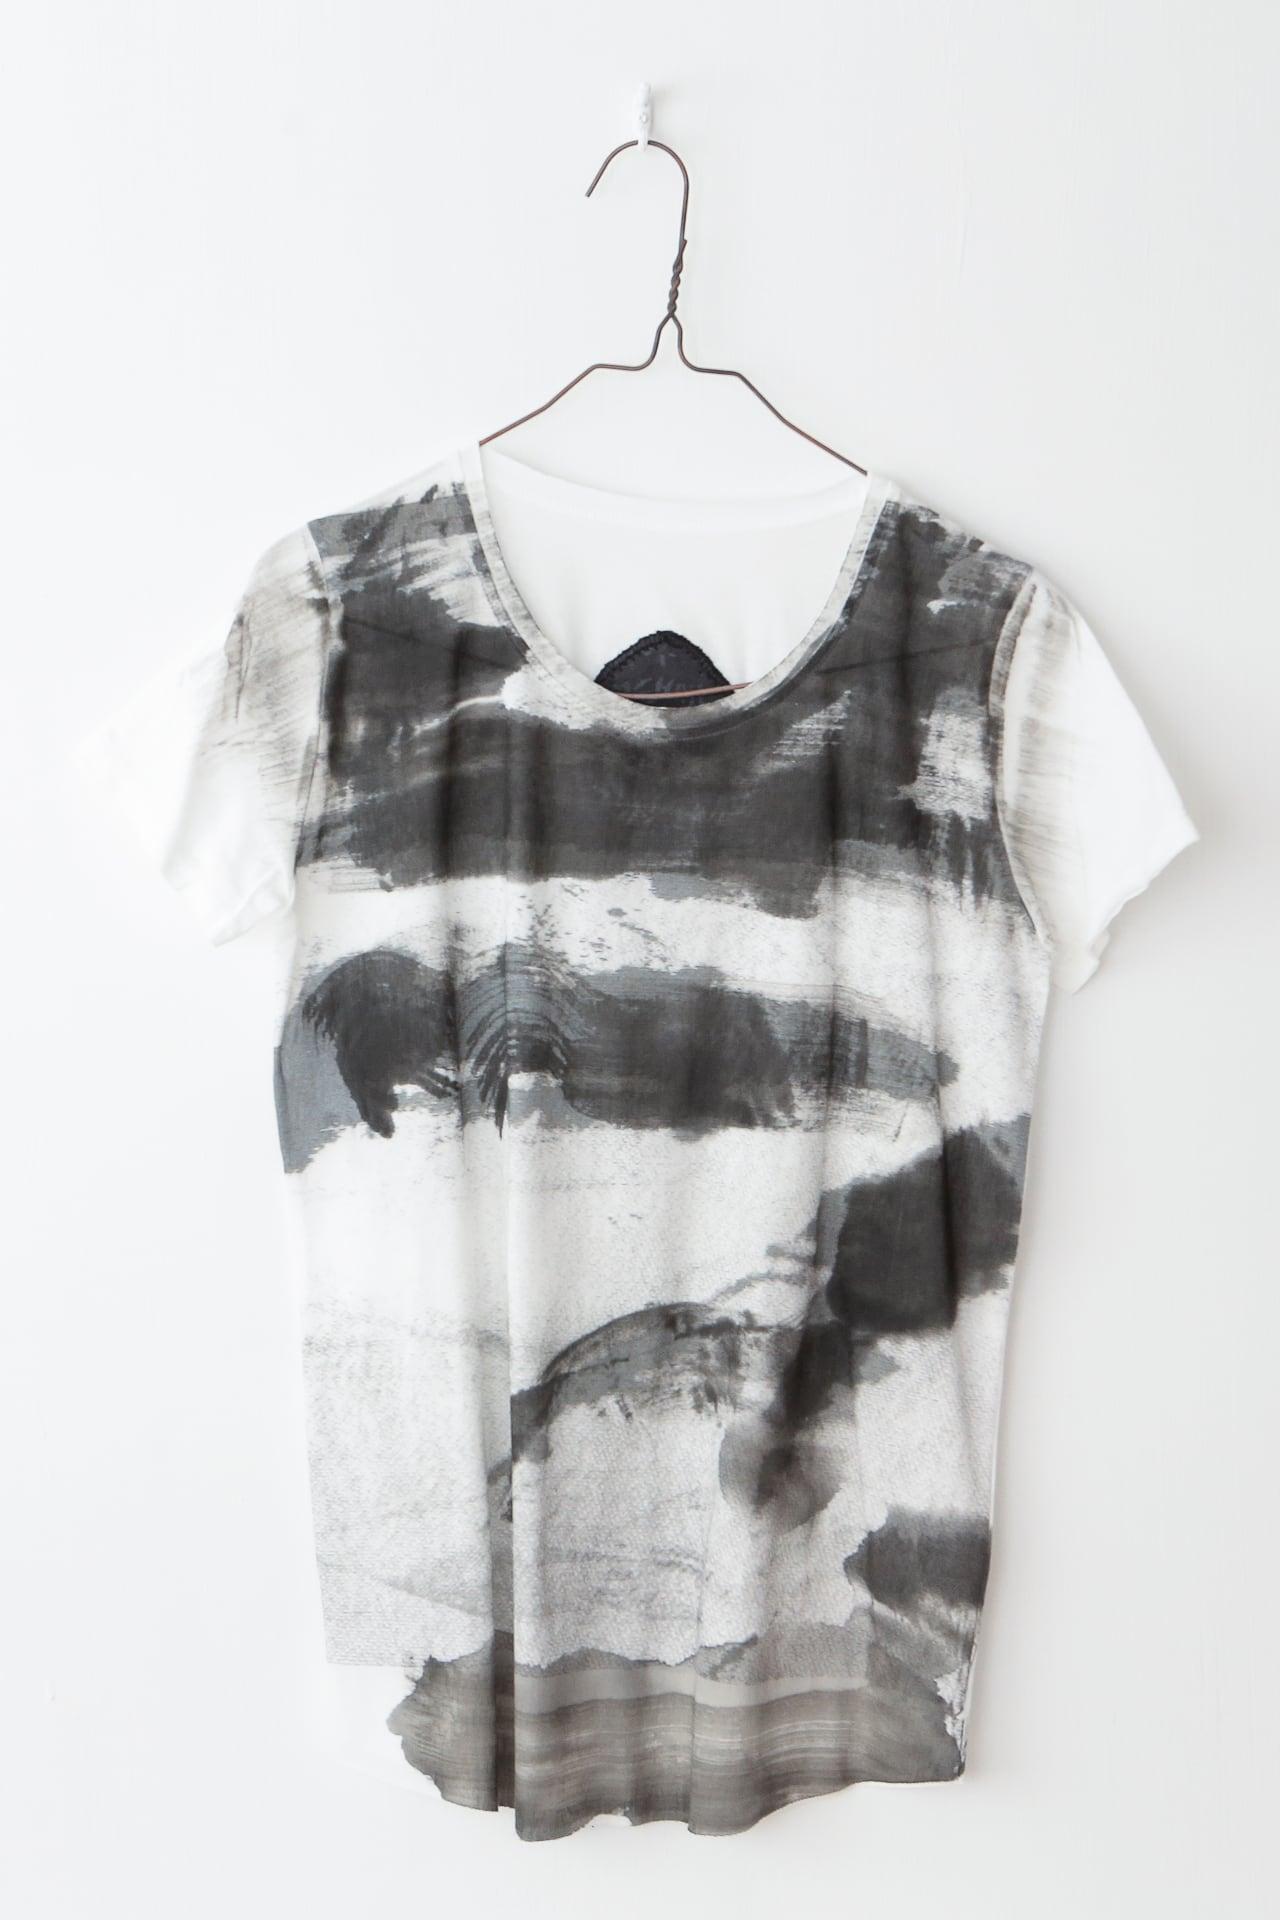 Tshirt【COTTON コットン】[Hand Painted]CS2117[税/送料込]